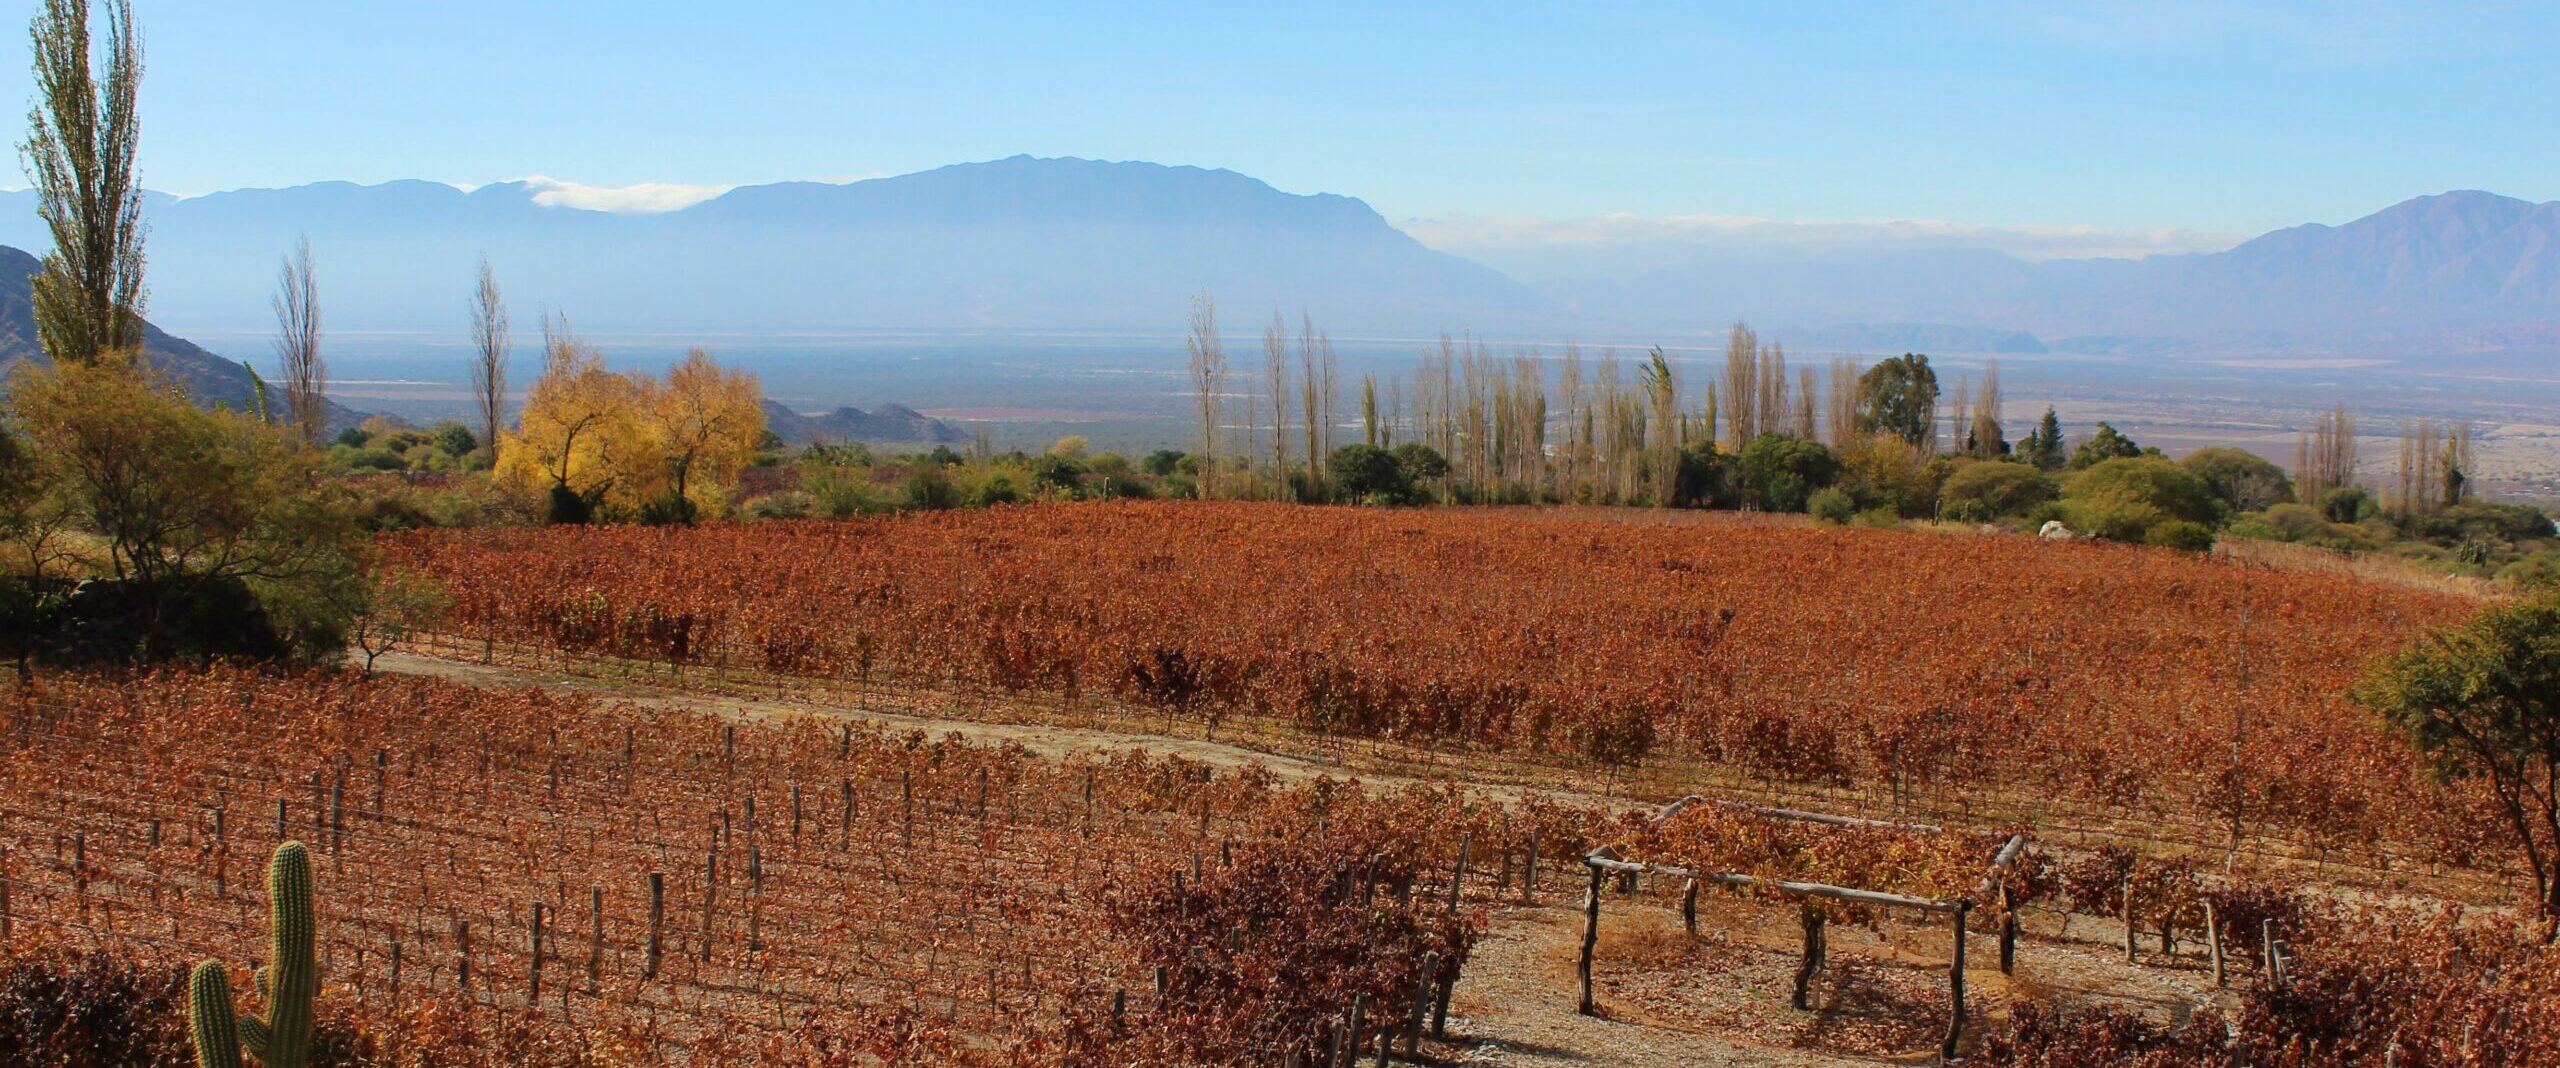 20 – Auf der Ruta del Vino im Valles Calchaquíes-Rebkulturen auf über 2000müM